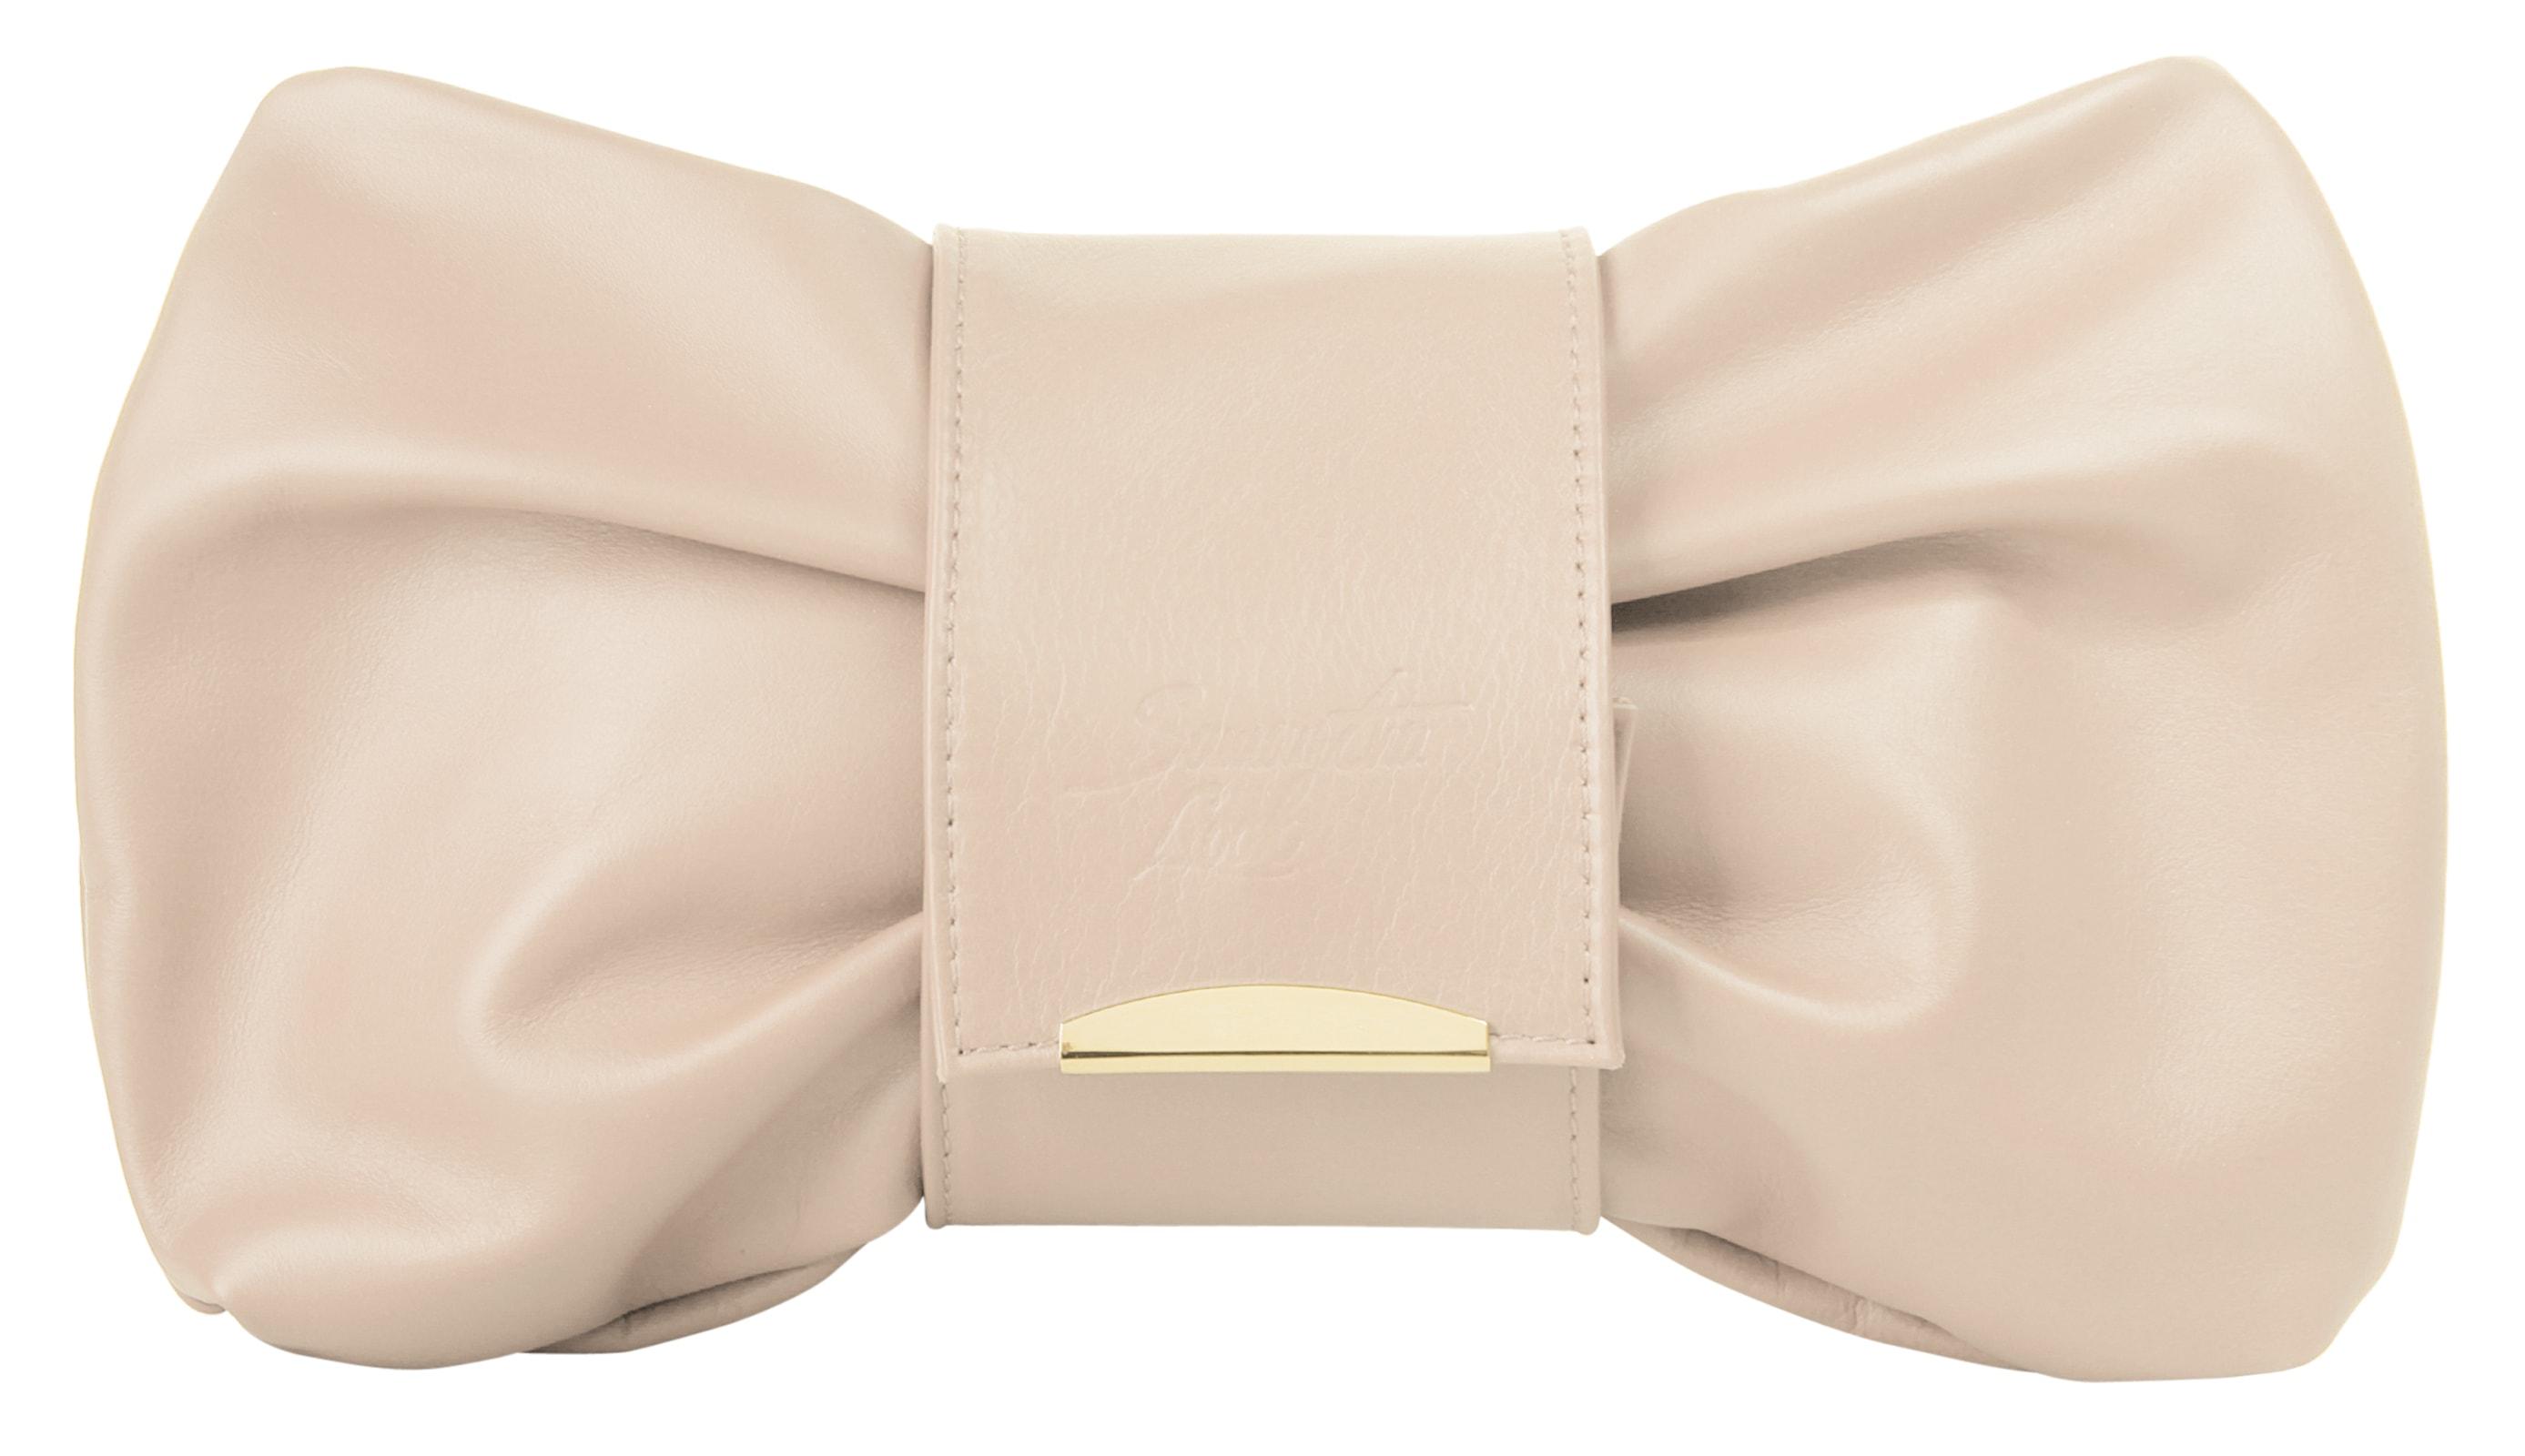 Samantha Look Abendtasche   Taschen > Handtaschen > Abendtaschen   Rosa   Samantha Look